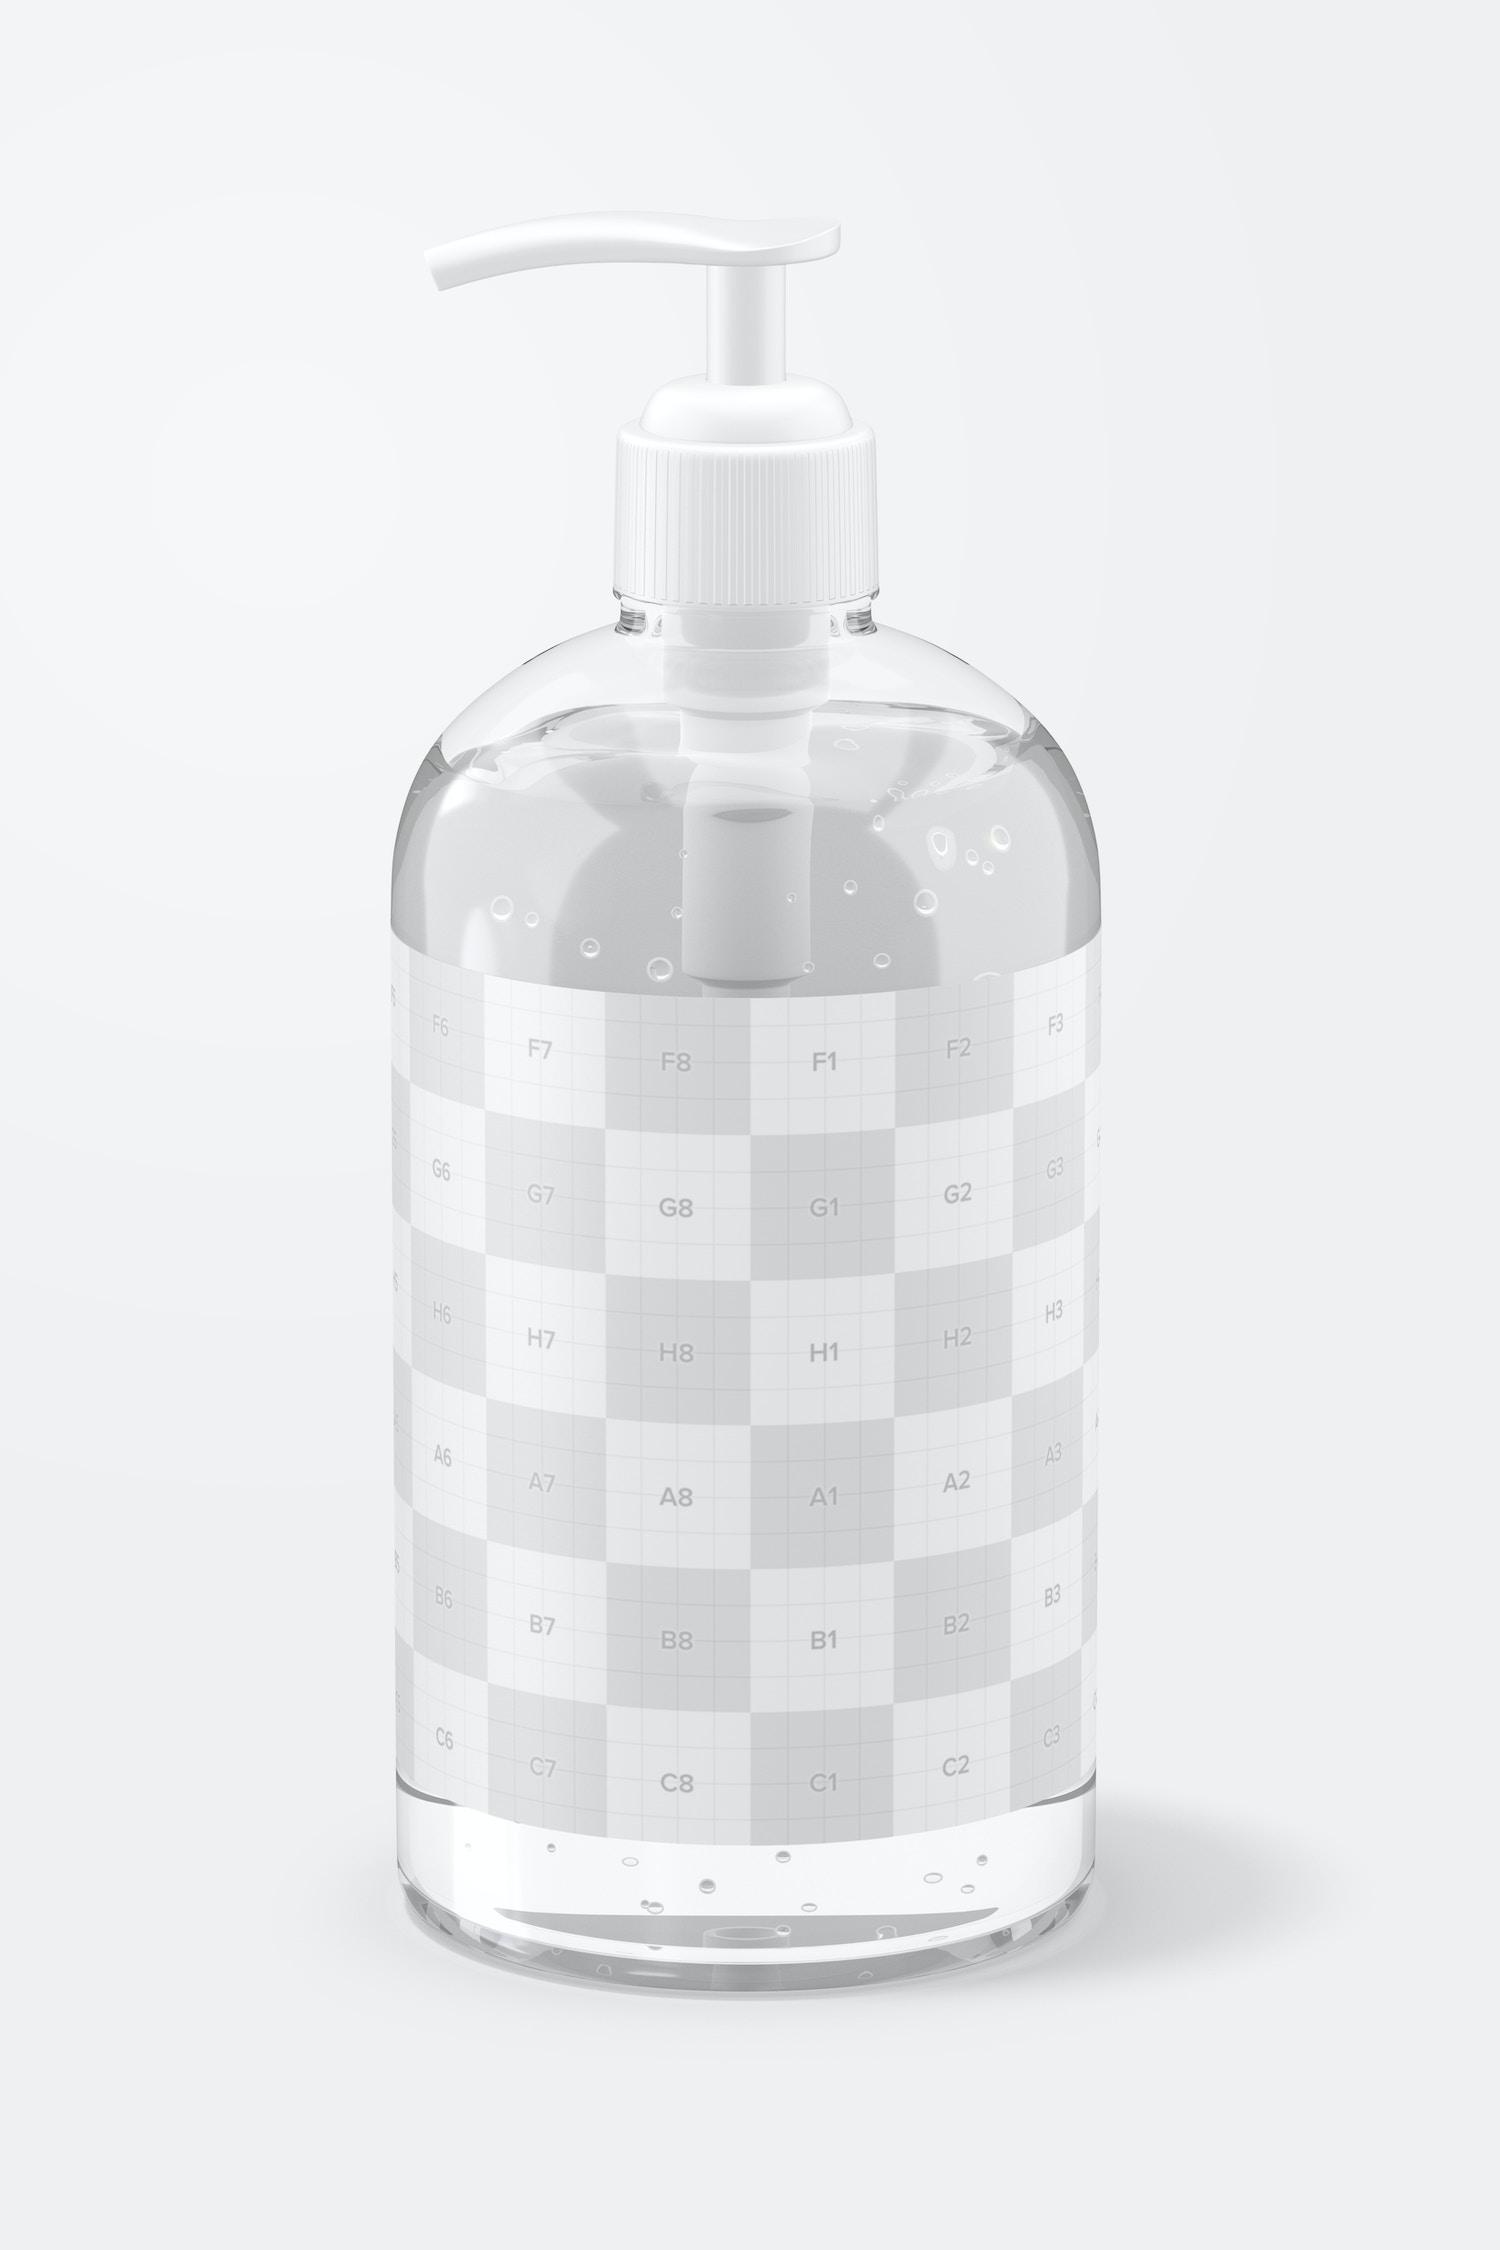 16 oz Sanitizing Gel Bottle Mockup, Left View